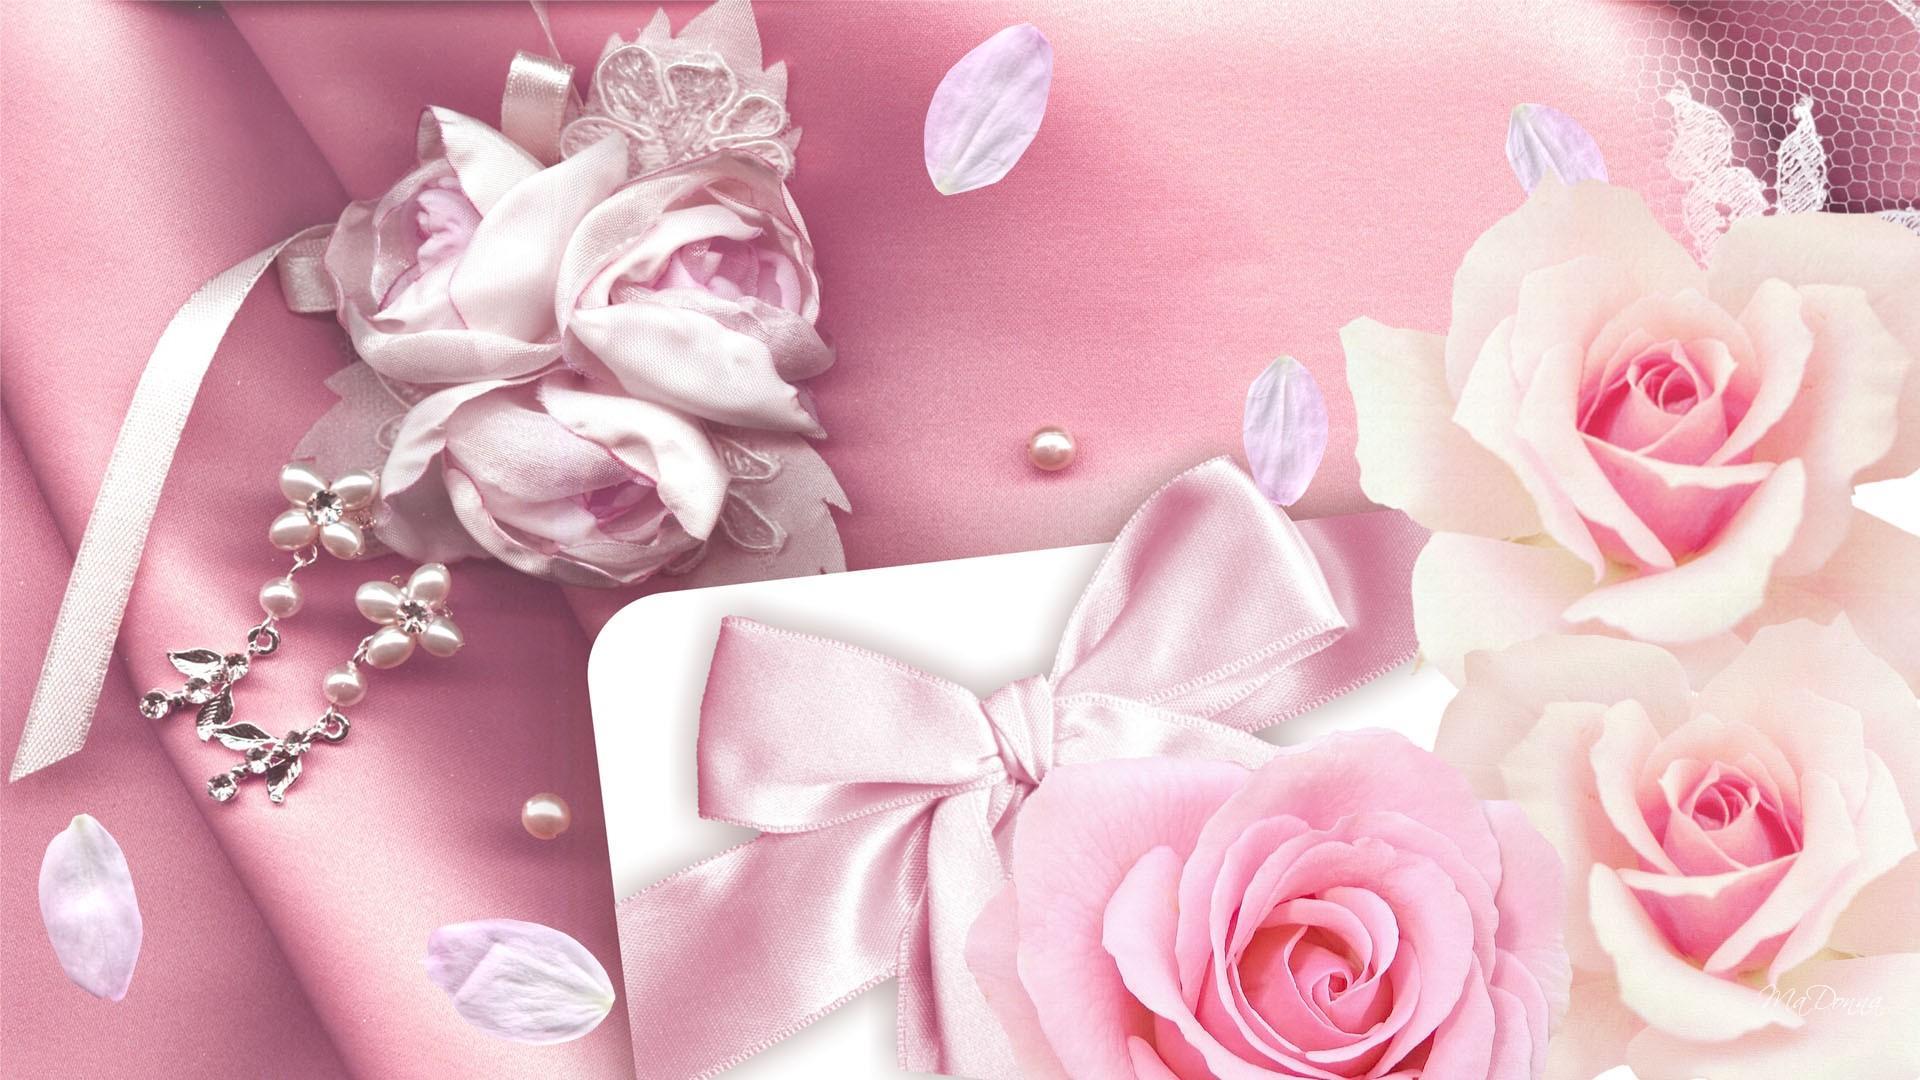 Breast Cancer 3d Wallpaper For Pc Feminine Pinks Wallpaper Other Wallpaper Better